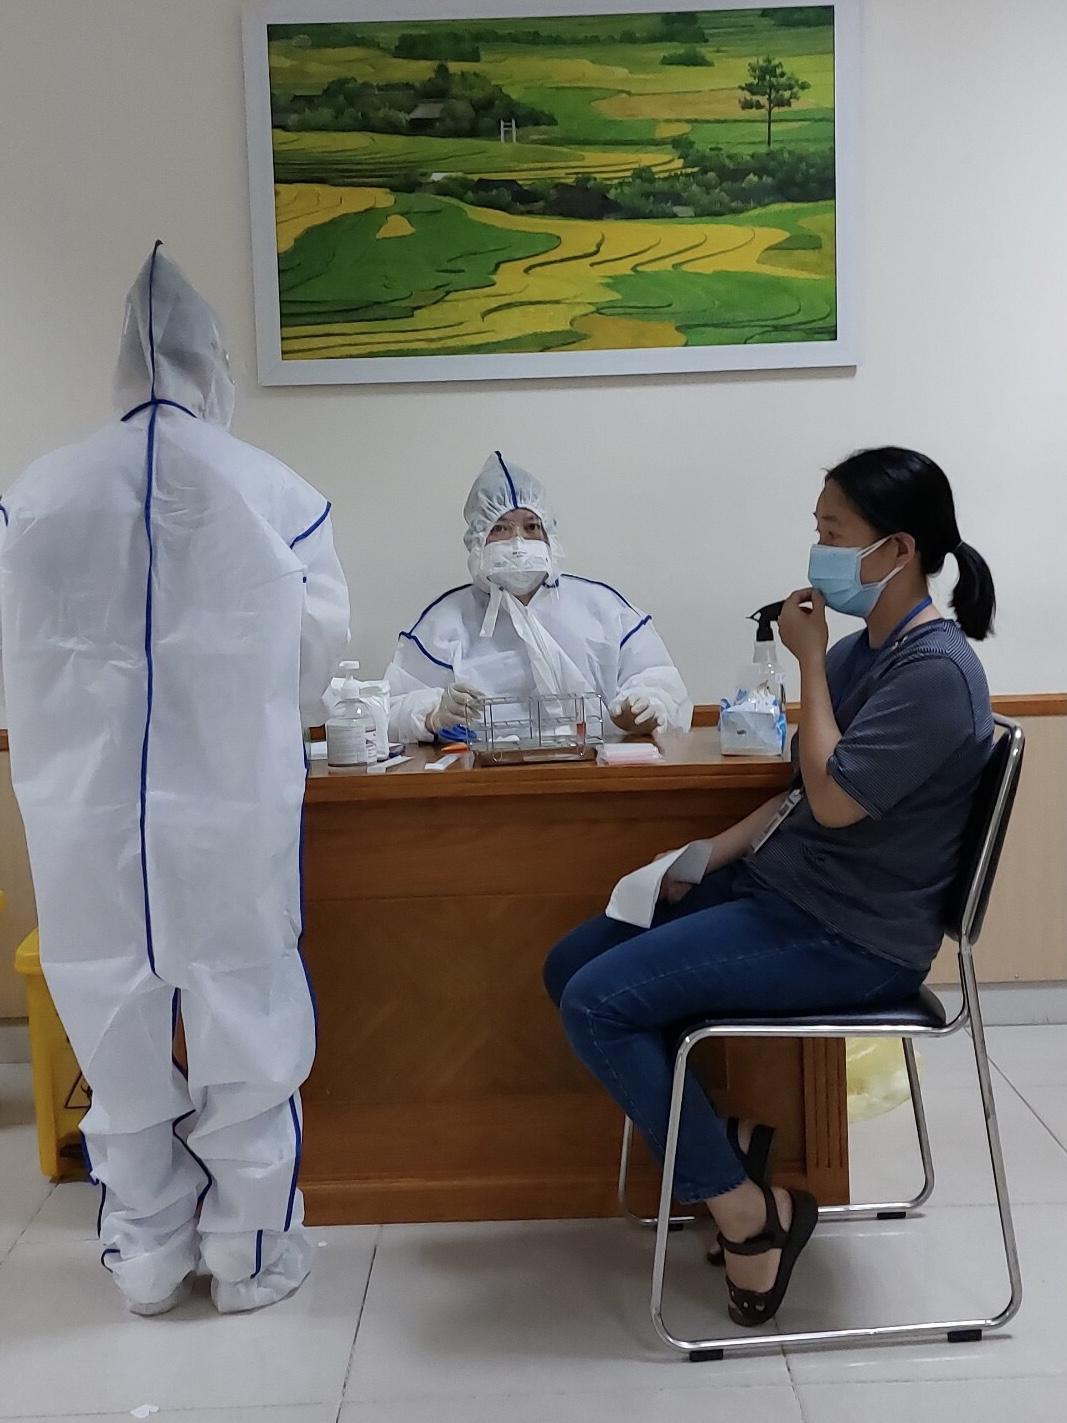 Hình ảnh: Tối 26/6, Việt Nam có thêm 123 ca mắc COVID-19, trong đó TP Hồ Chí Minh có tới 58 ca số 2